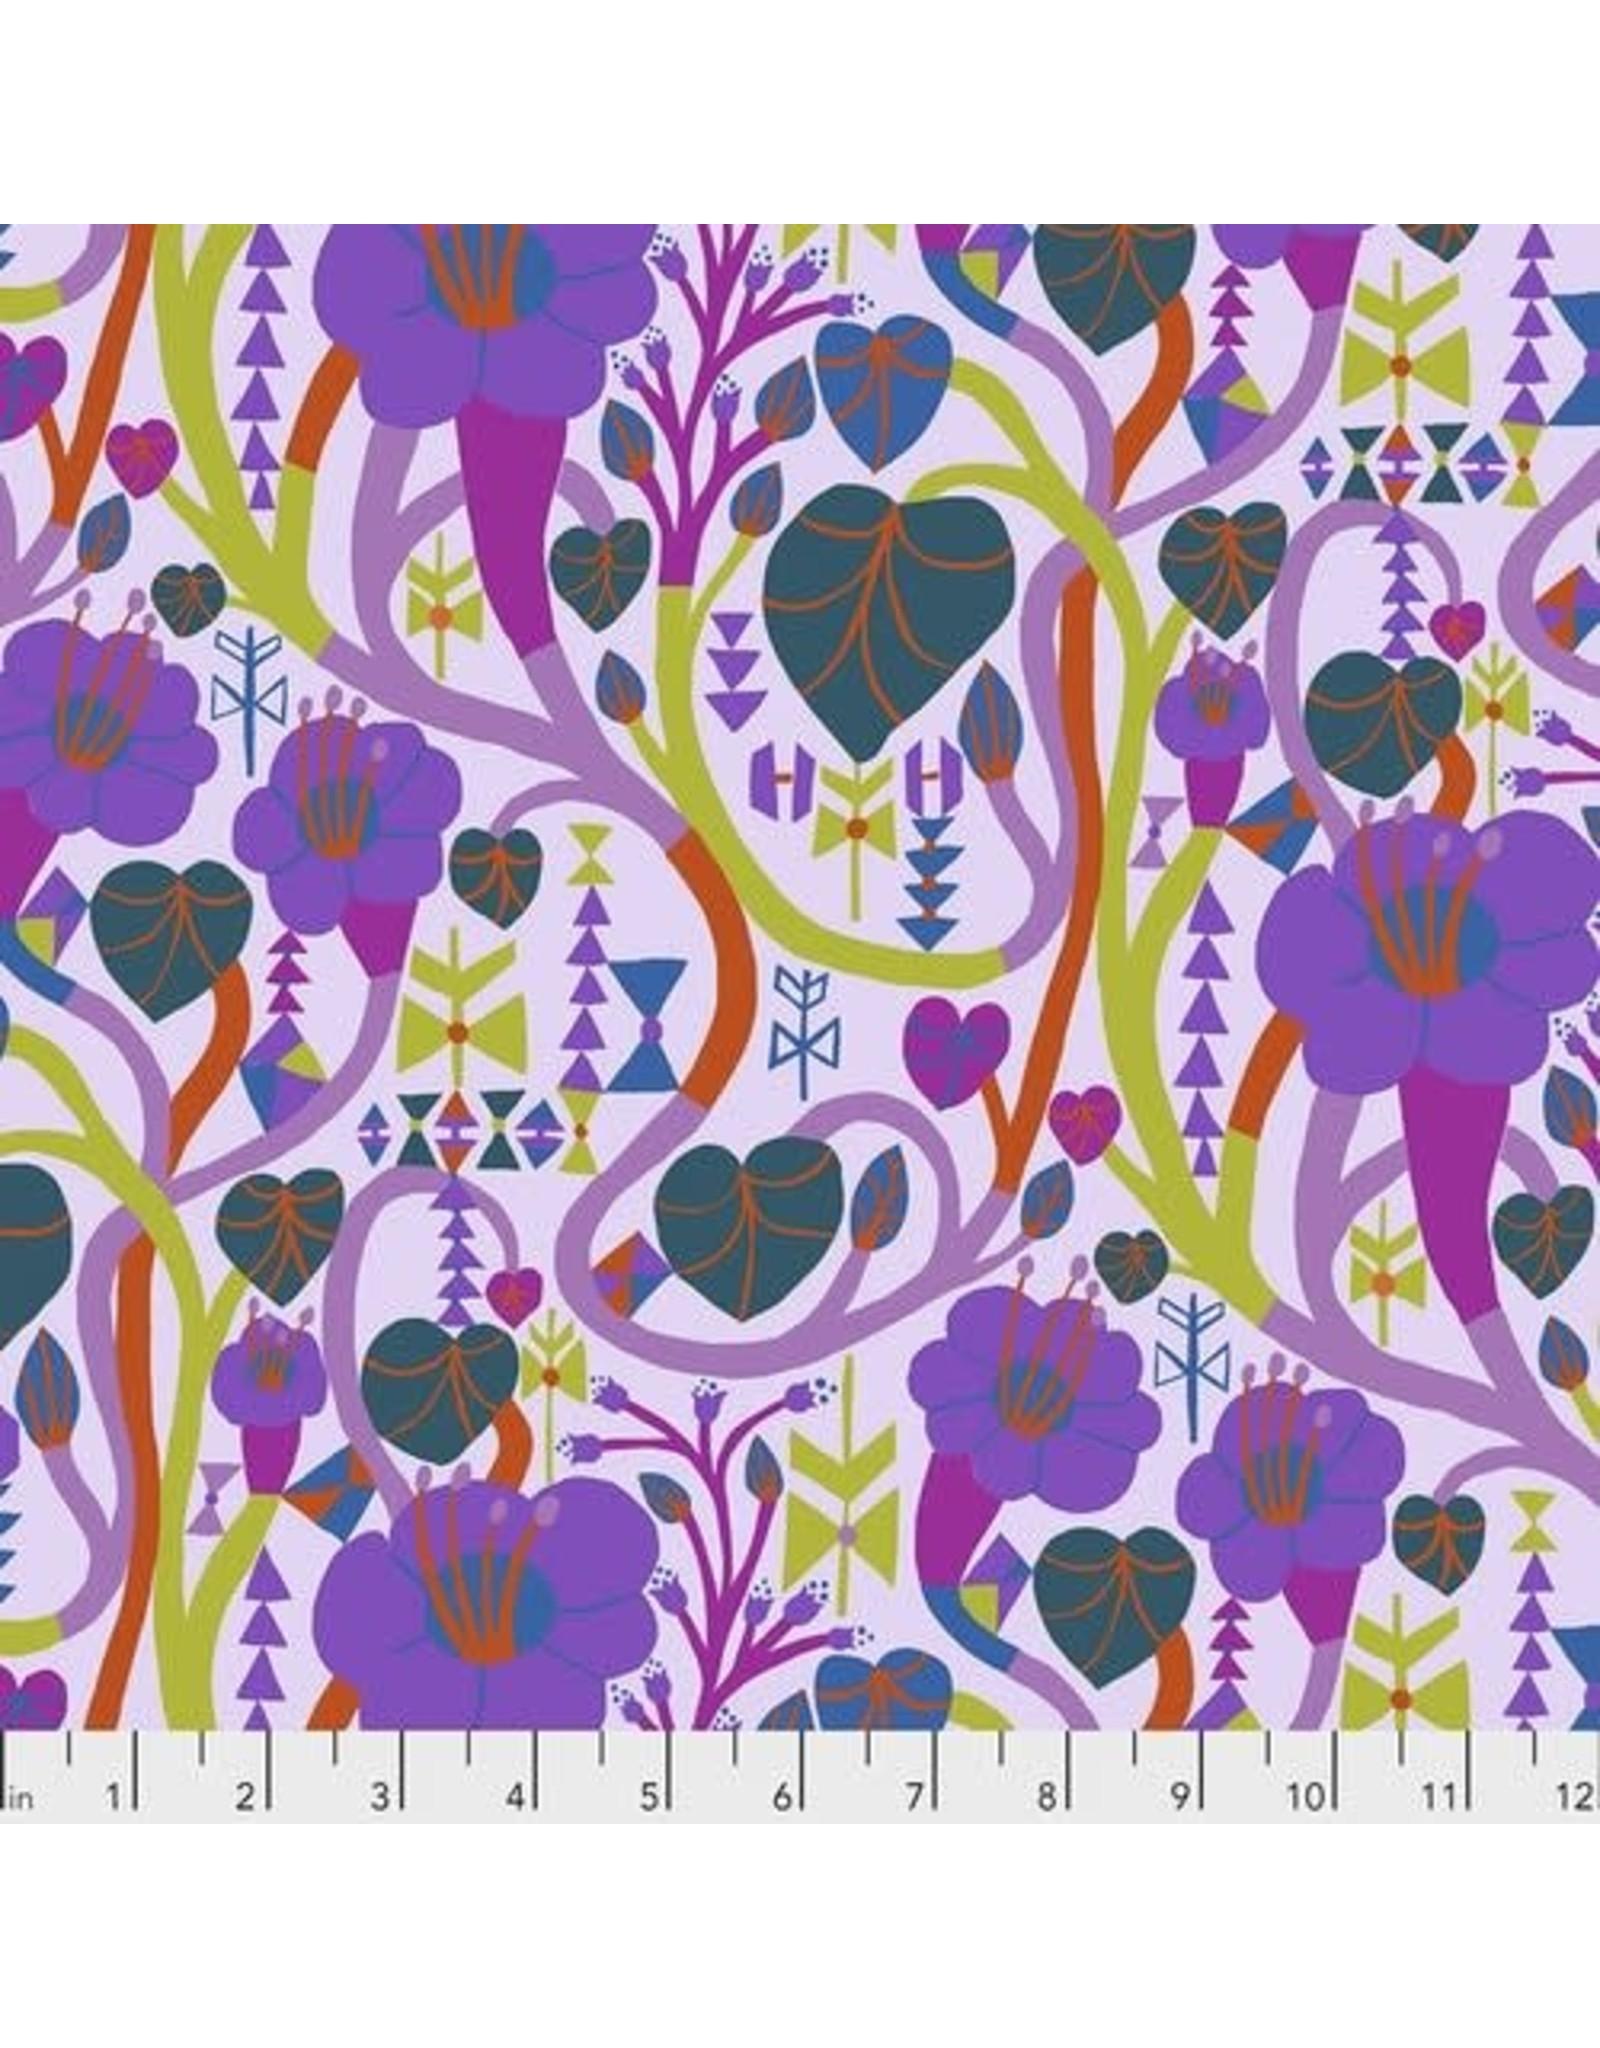 FreeSpirit Homeward - Meander Lilac